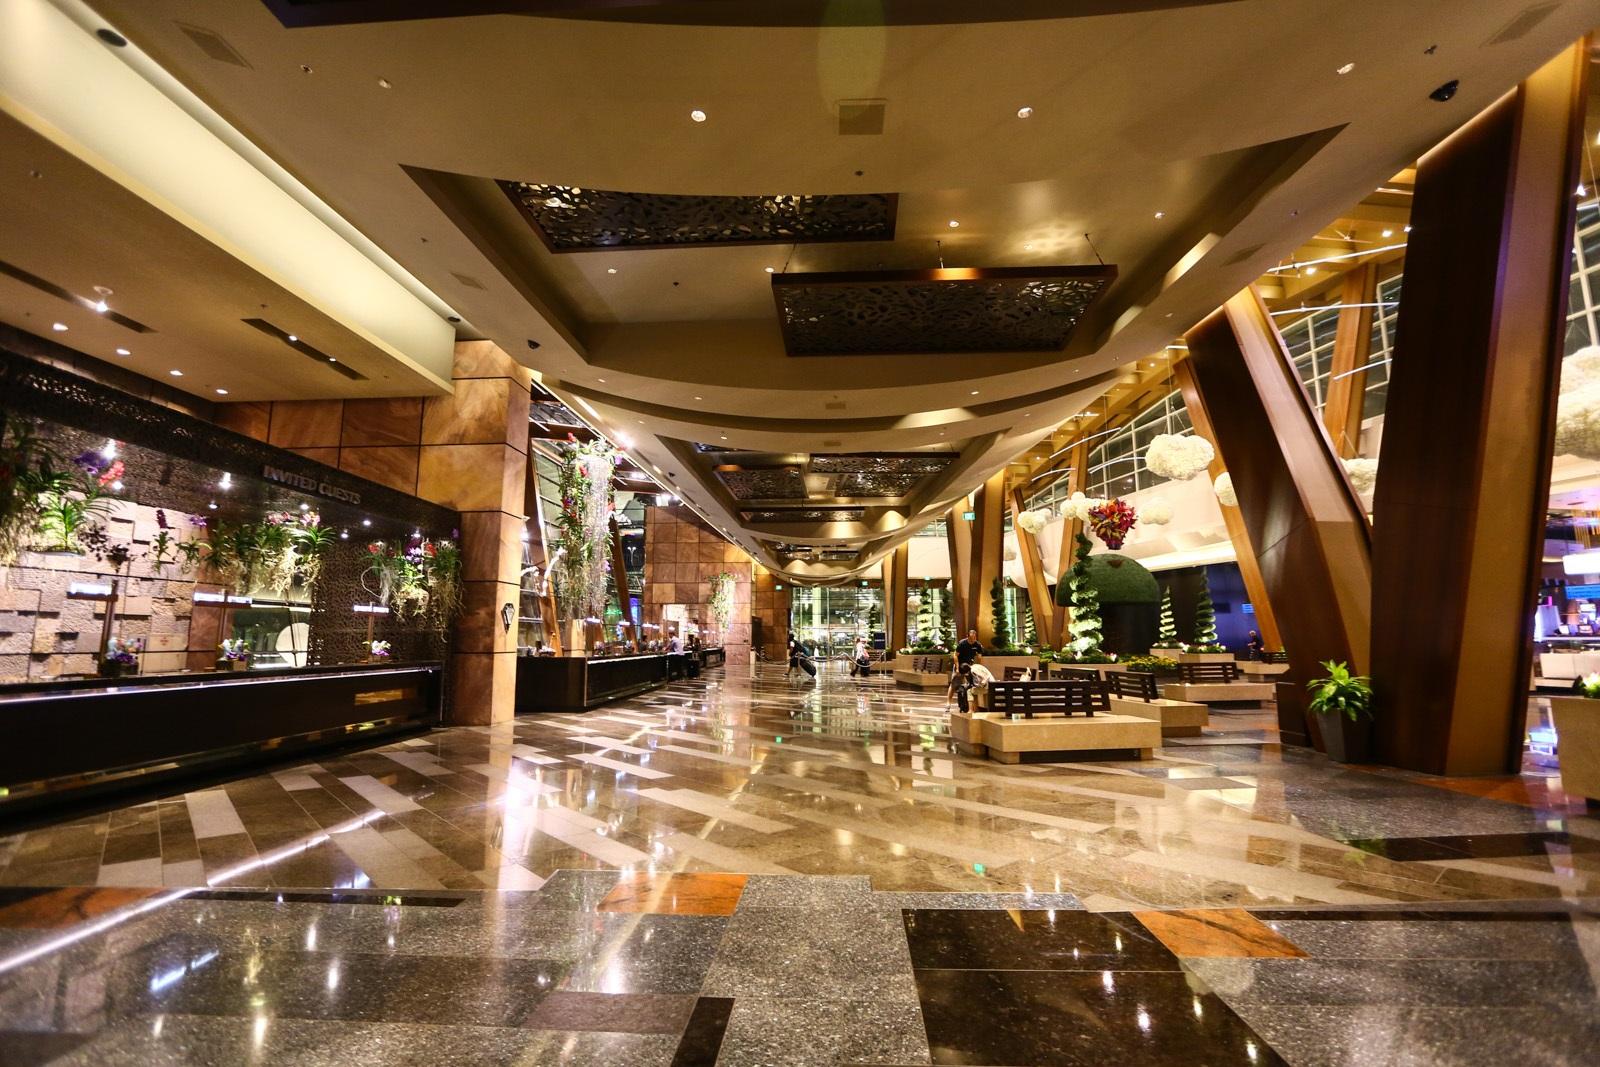 Hotel Aria Las Vegas